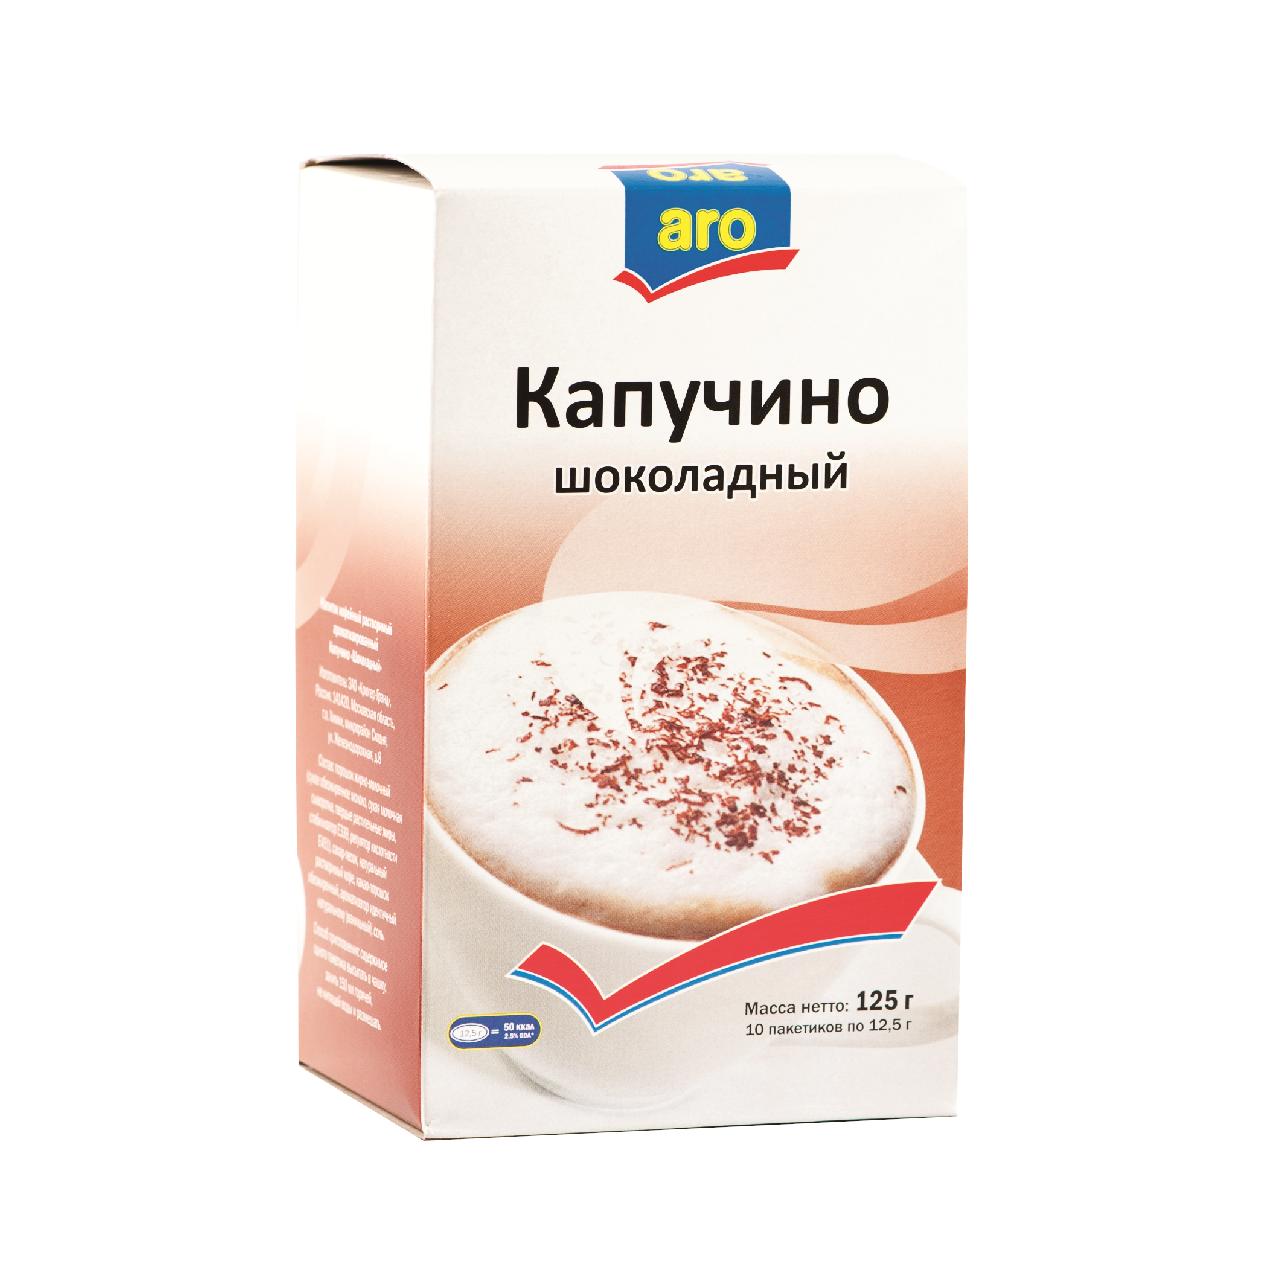 125Г ARO КАПУЧИНО ШОКОЛАДНЫЙ